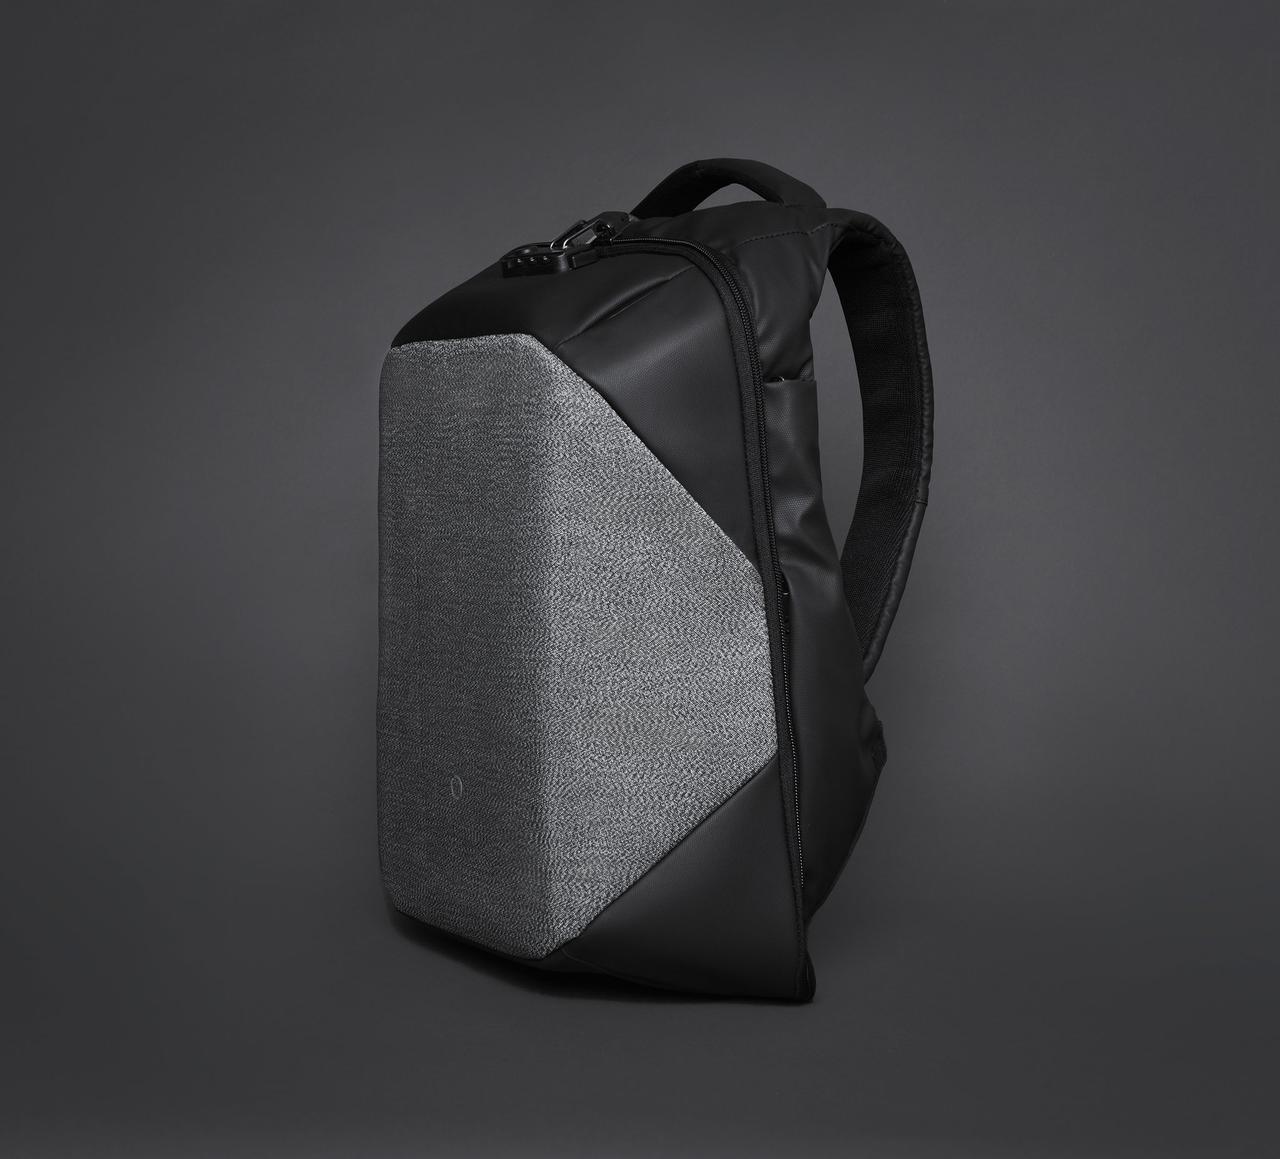 Невероятный рюкзак Corin Design ClickPack Pro с системой антивор и массой новых функций